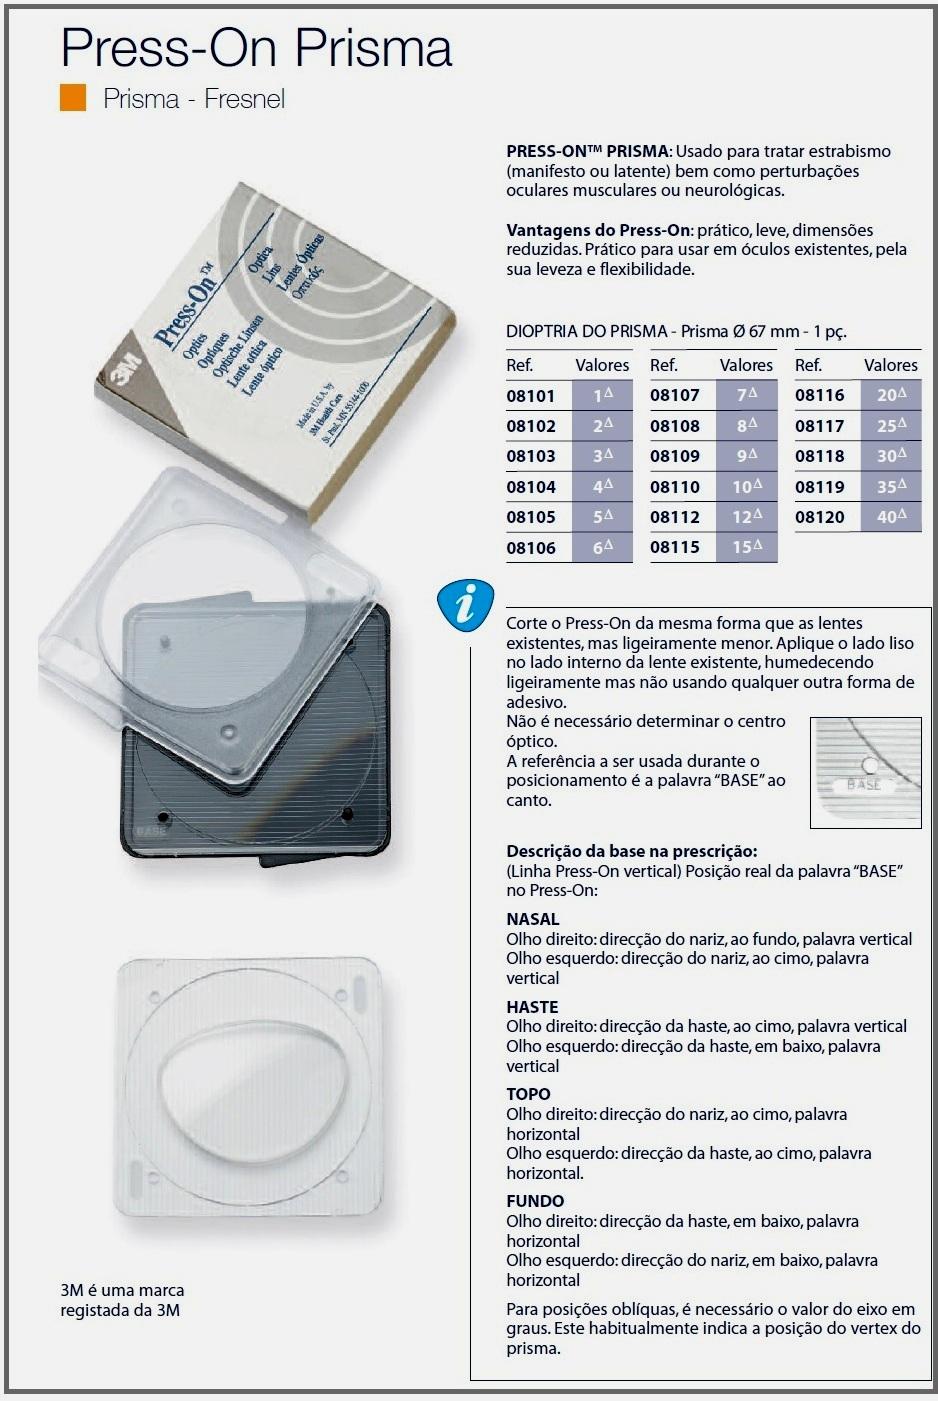 0208104-CorreçãoVisual Press-On Prisma 4 Mod 8104 FLAG E - Contém 1 Peça  - ENTREGA IMEDIATA